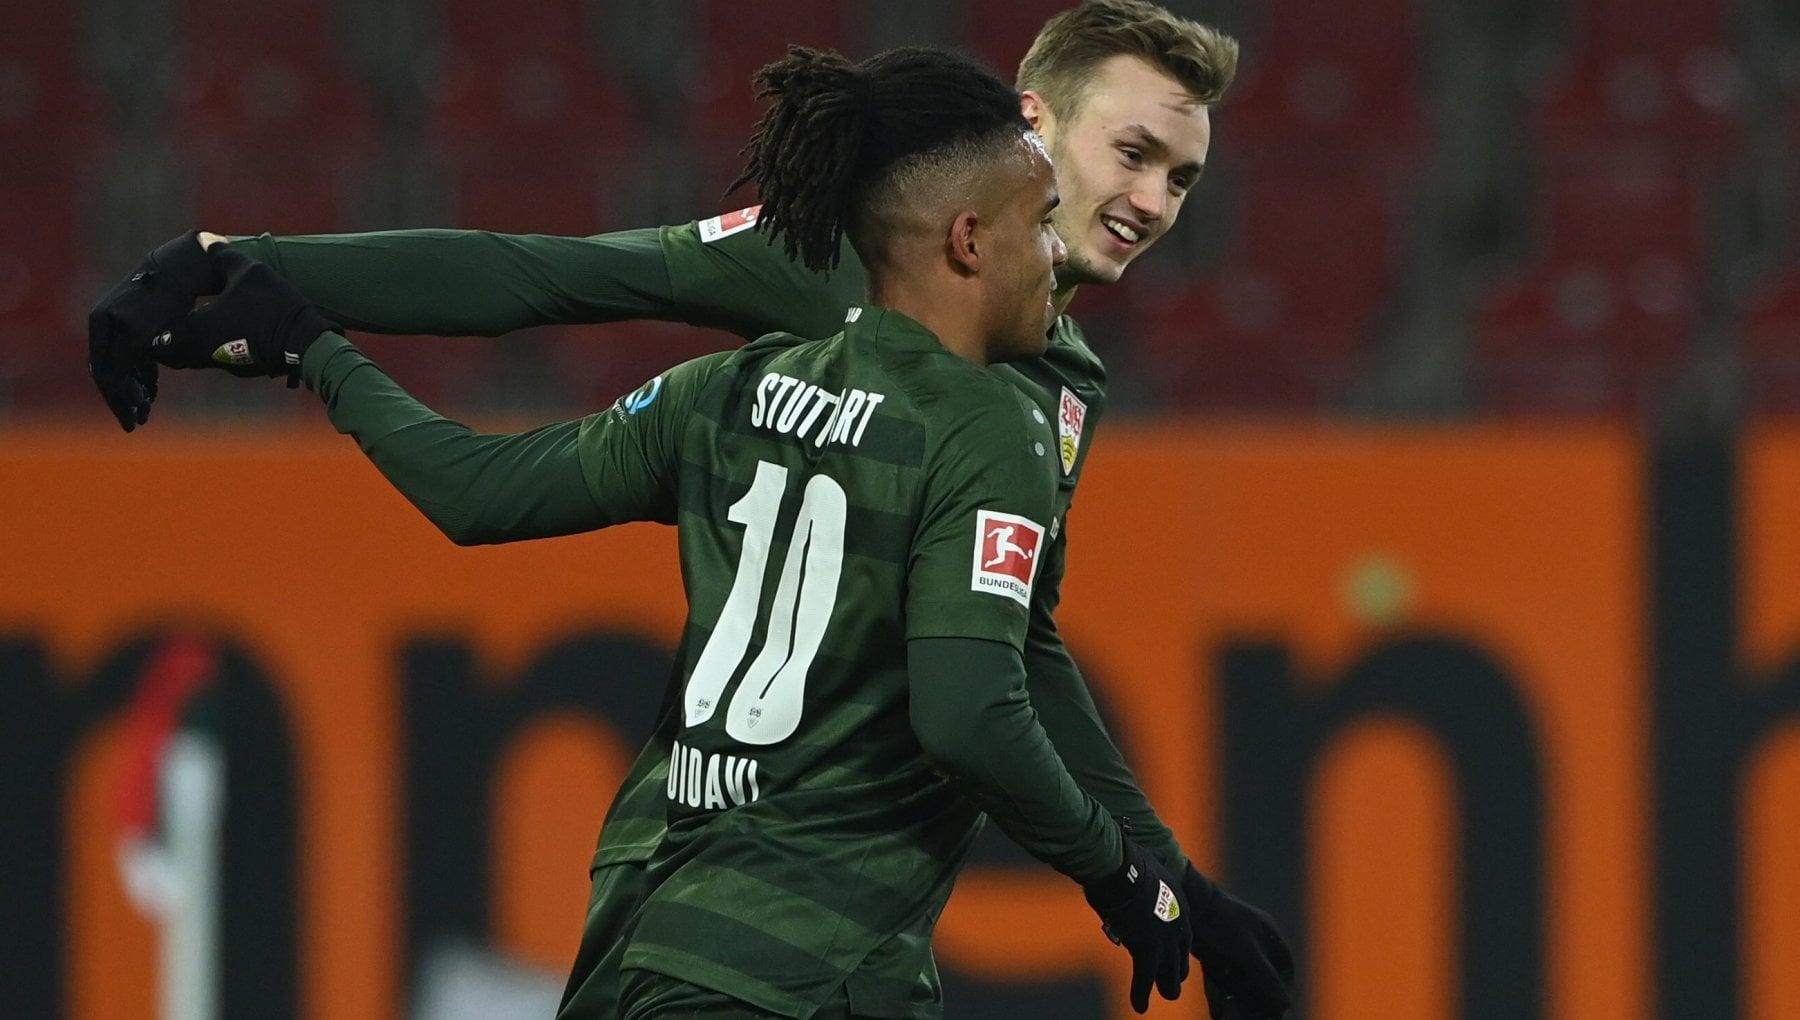 Germania parrucchieri contro calciatori Ce il lockdown ma esibiscono tagli perfetti